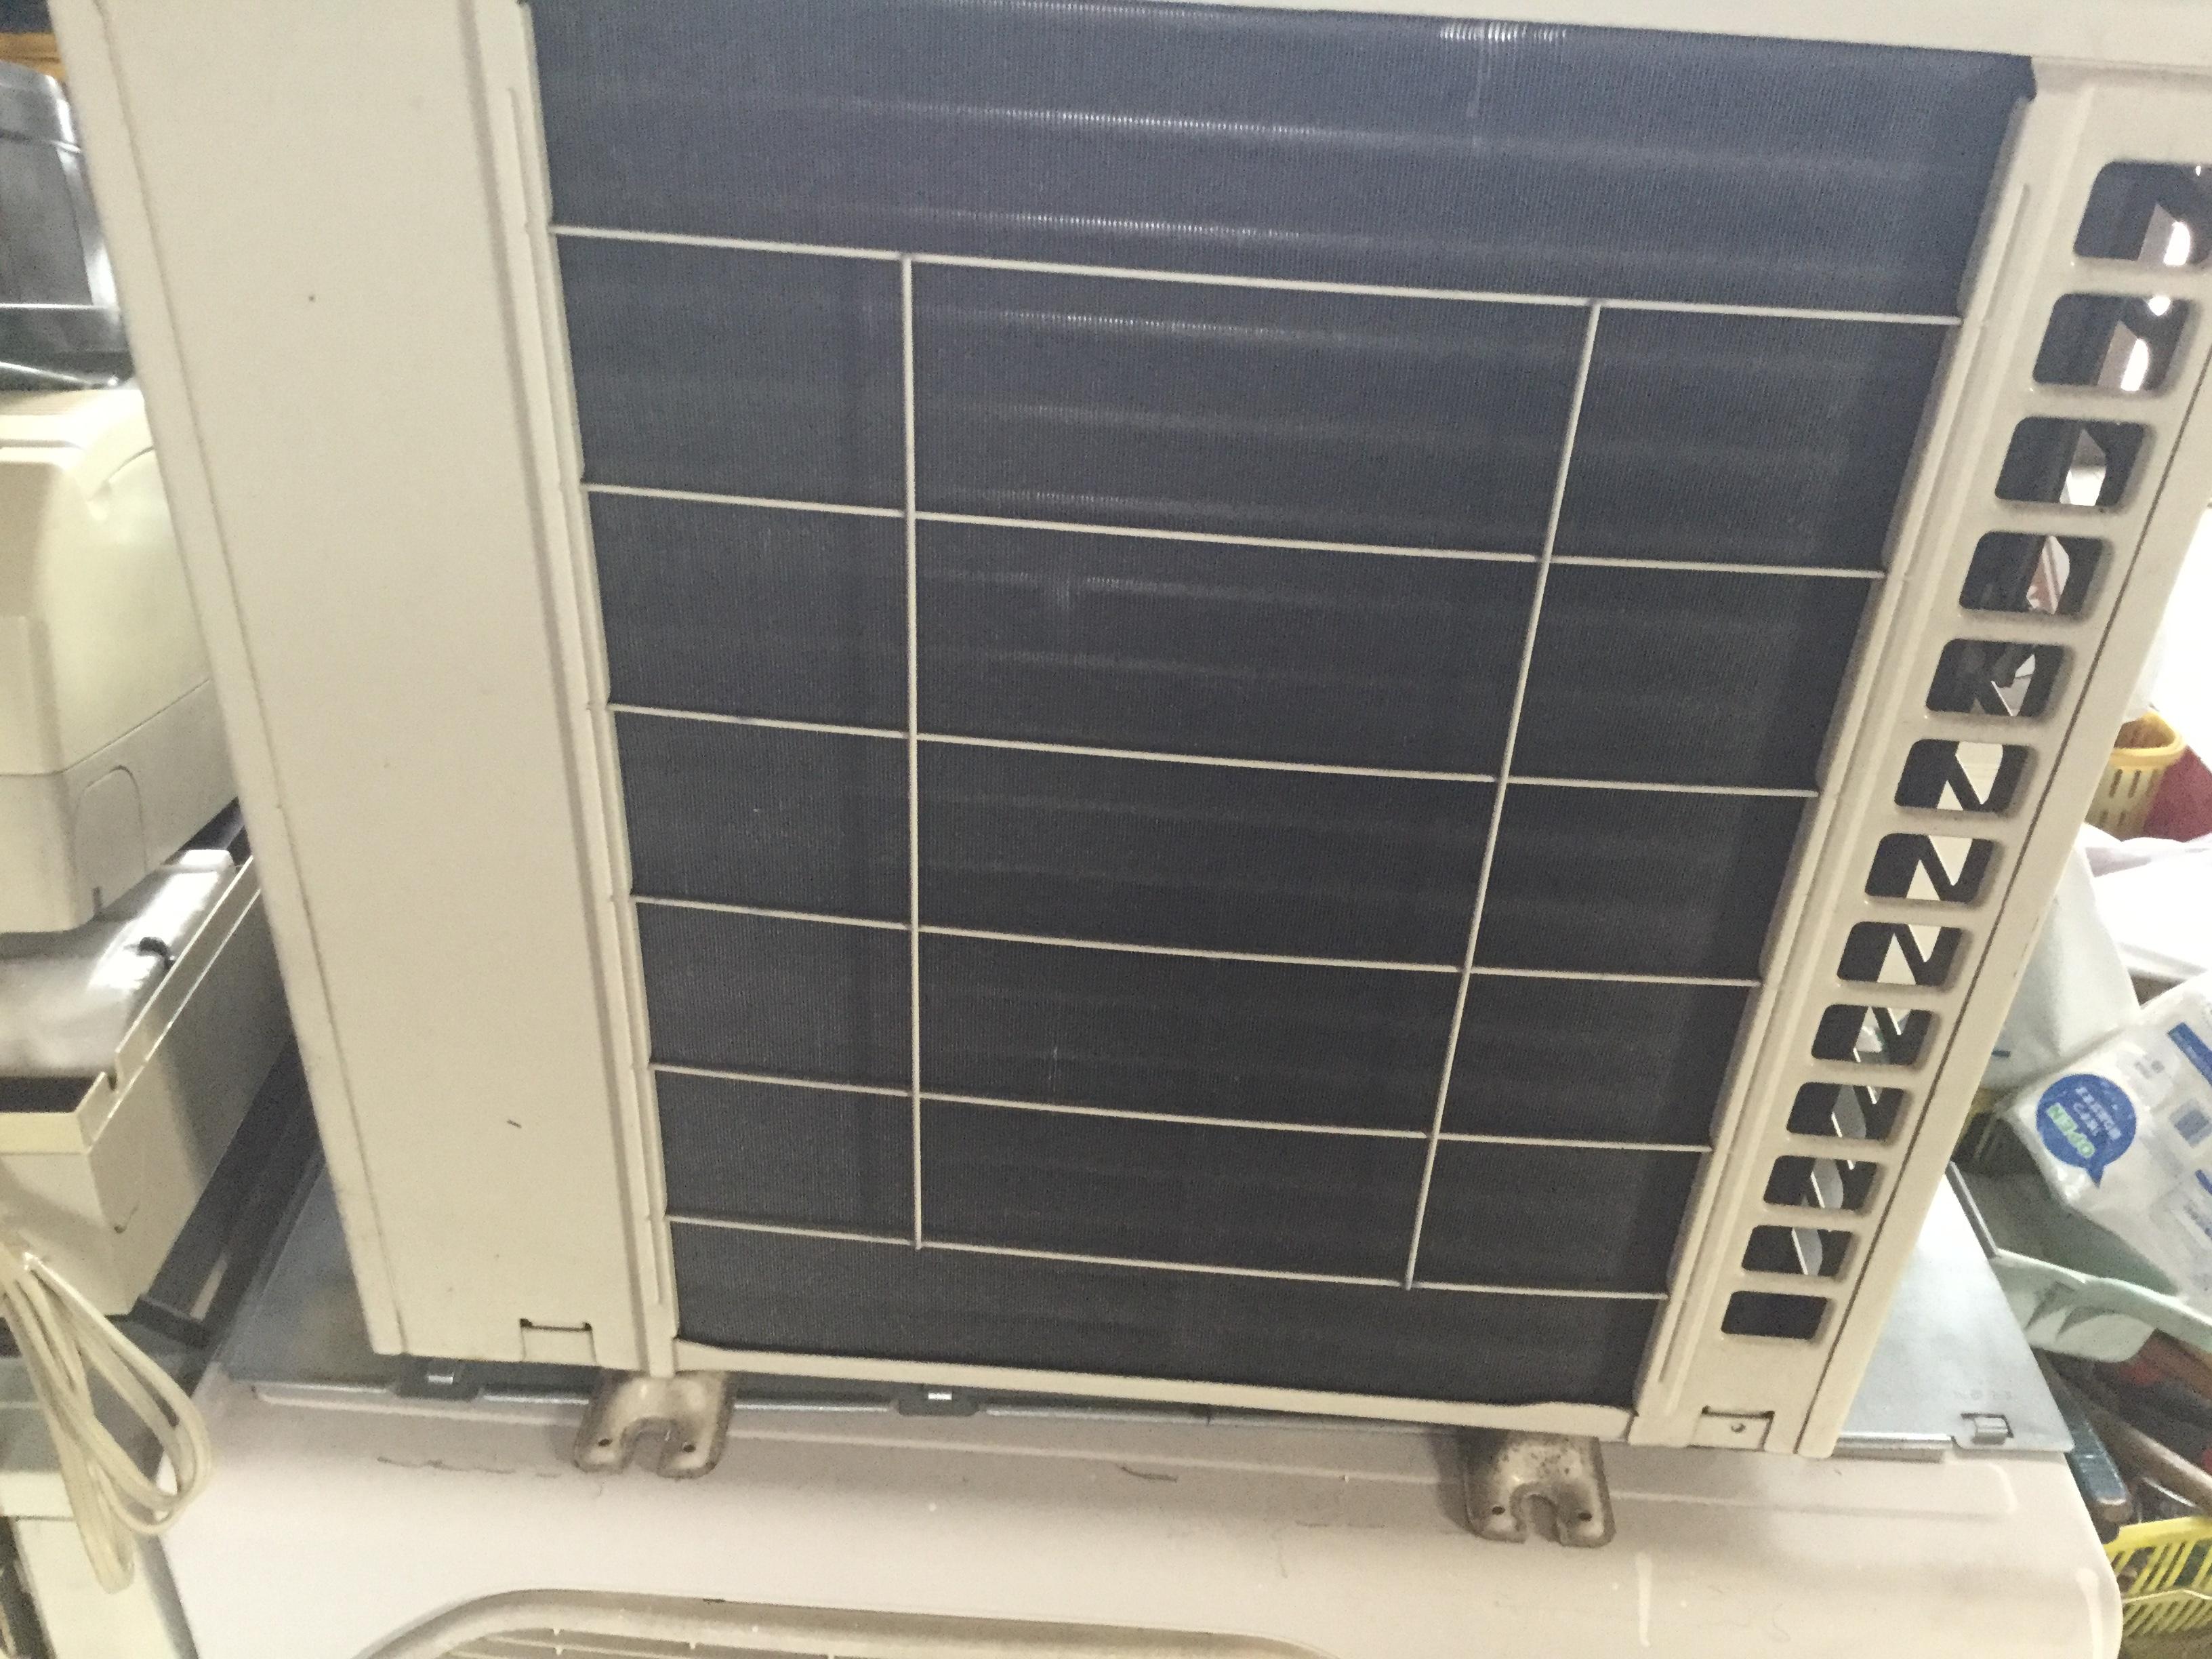 岡山市南区でエアコン取り外しからエアコン回収・処分